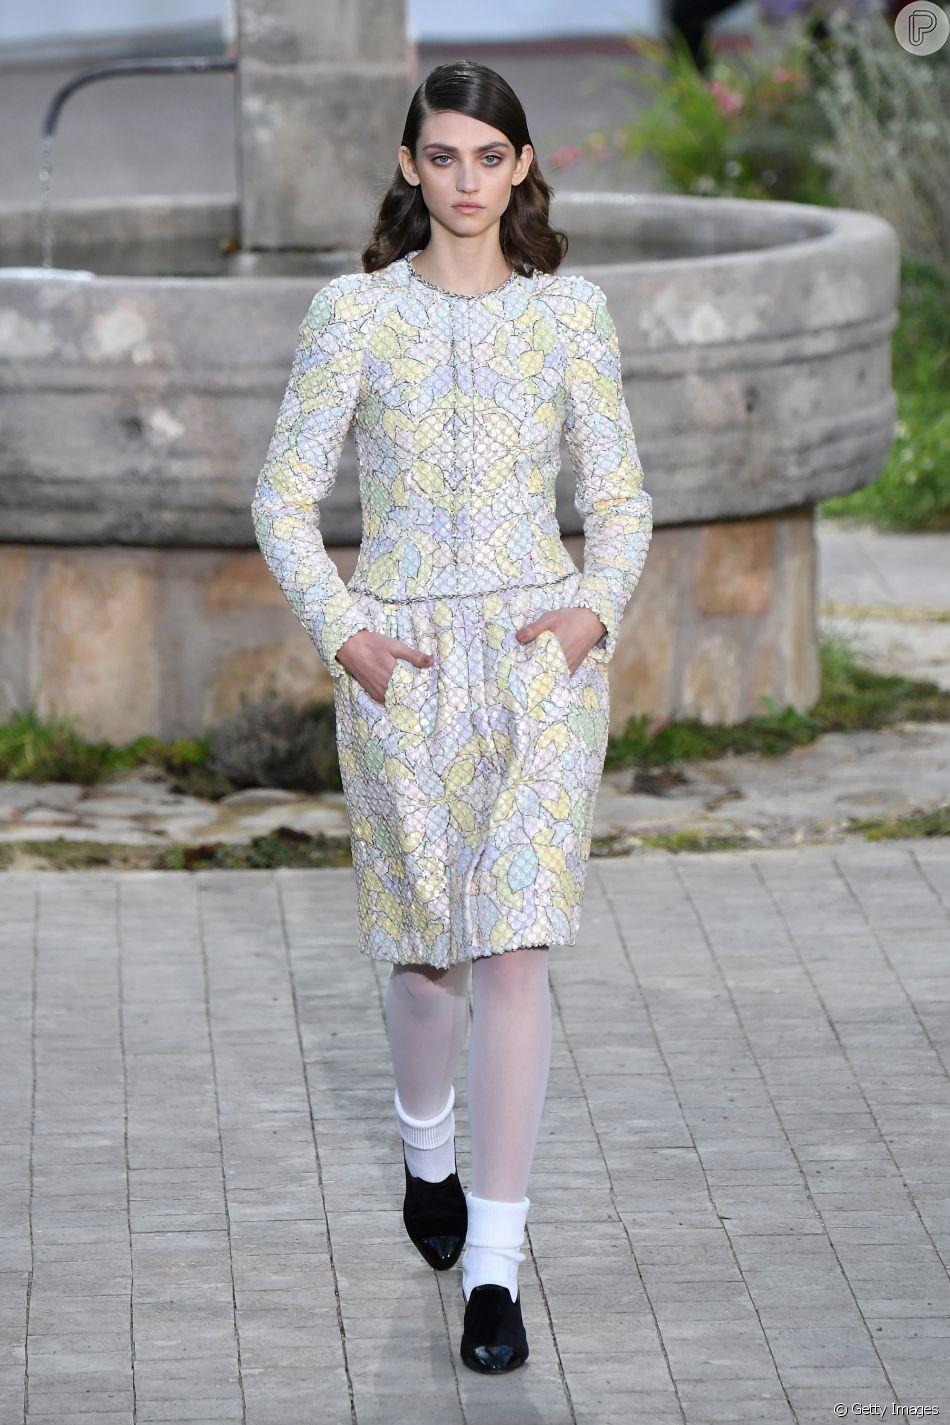 Desfile Chanel de alta-costura tem estampa inspirada em vitrais